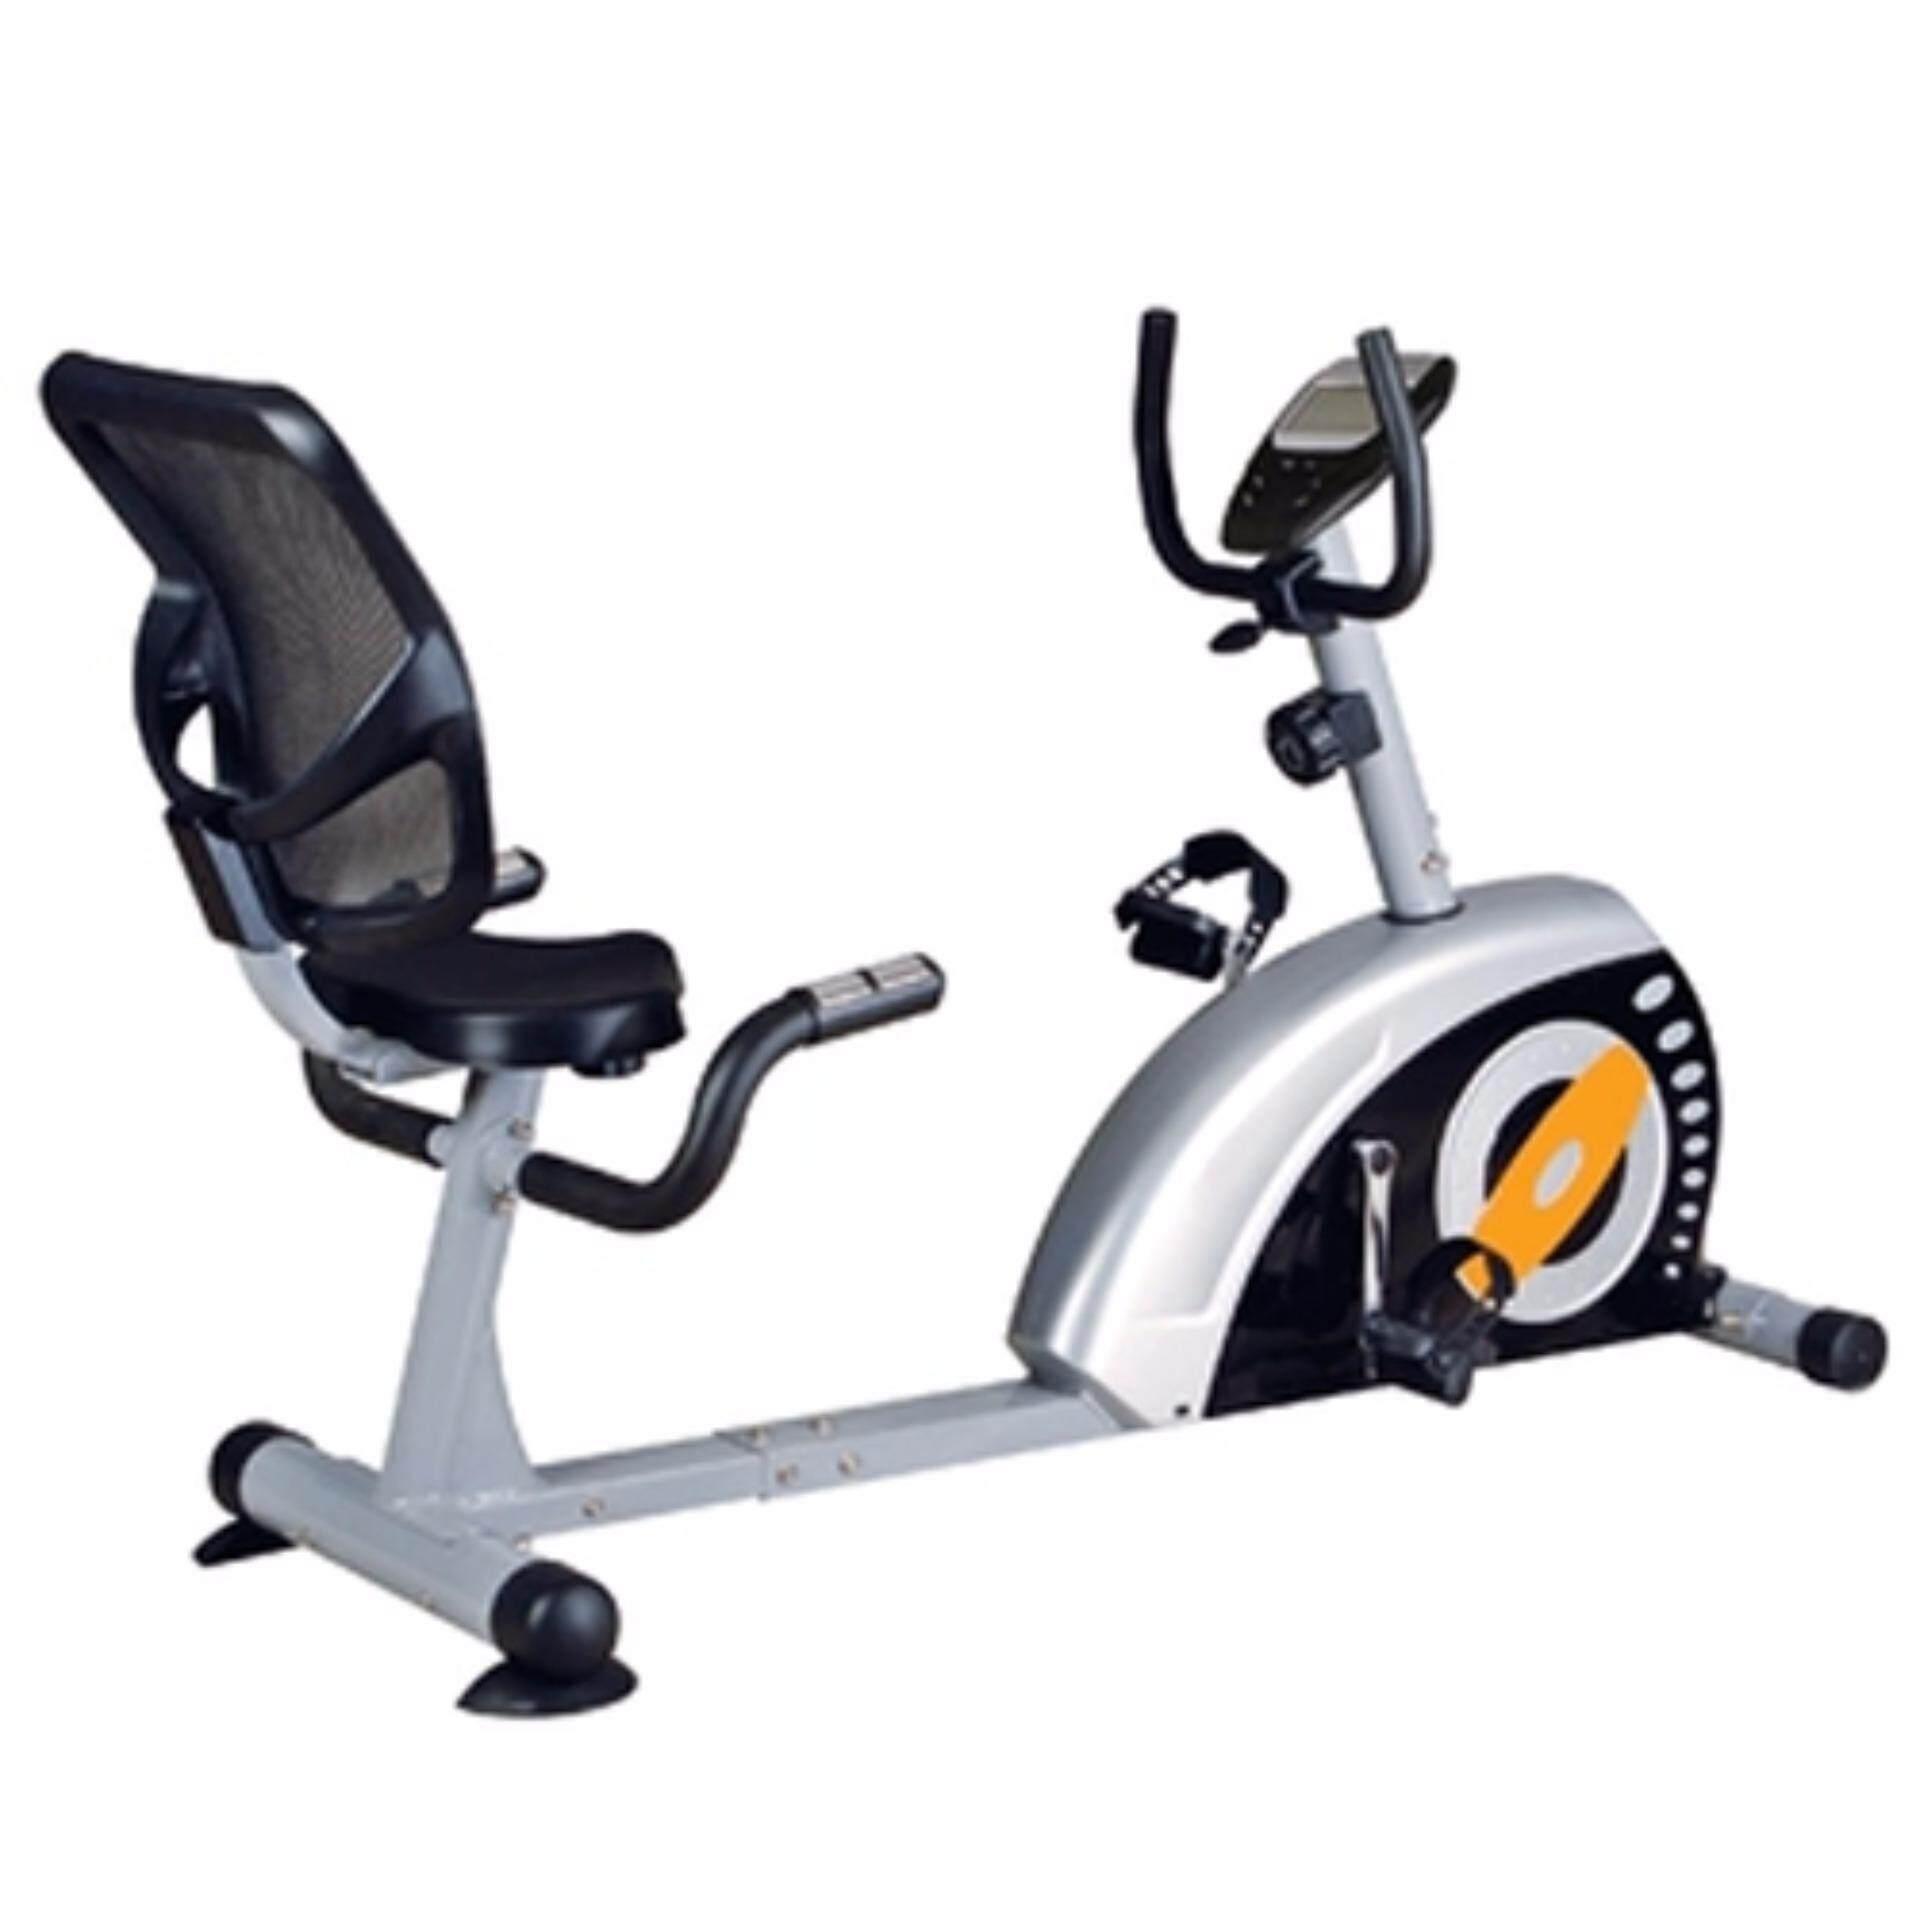 จักรยานออกกำลังกาย  Fitmaster รุ่น BK8716R สมมนาคุณลูกค้าลด -57%